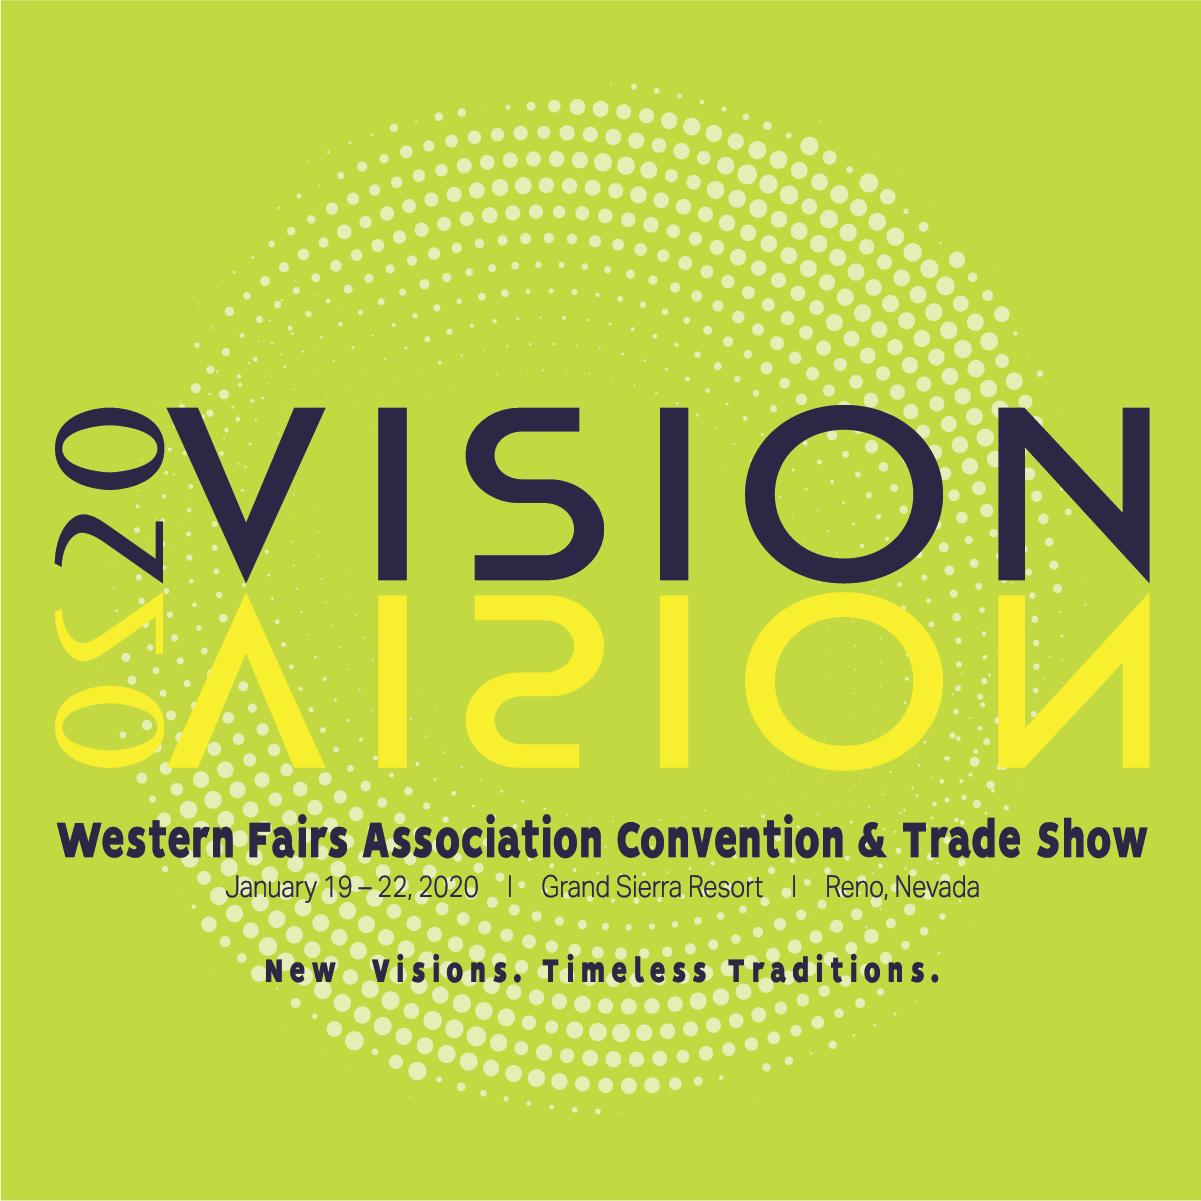 2020 Convention & Trade Show